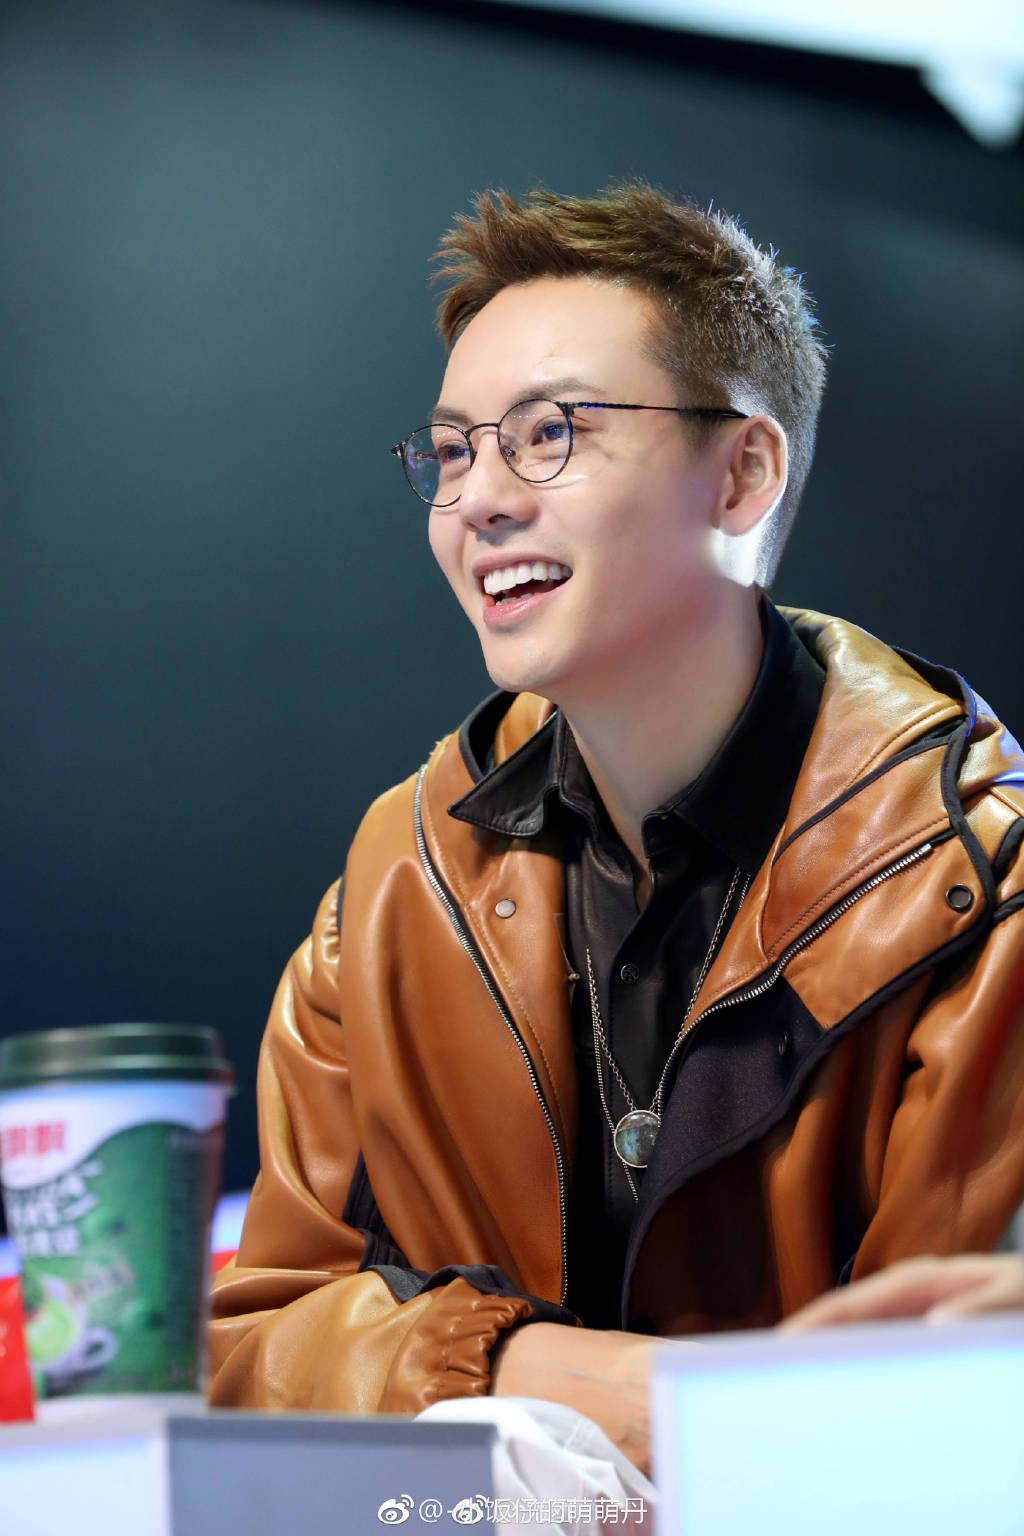 Danh sách 10 nam diễn viên Hoa ngữ có chỉ số truyền thông cao nhất năm 2018 - Ảnh 10